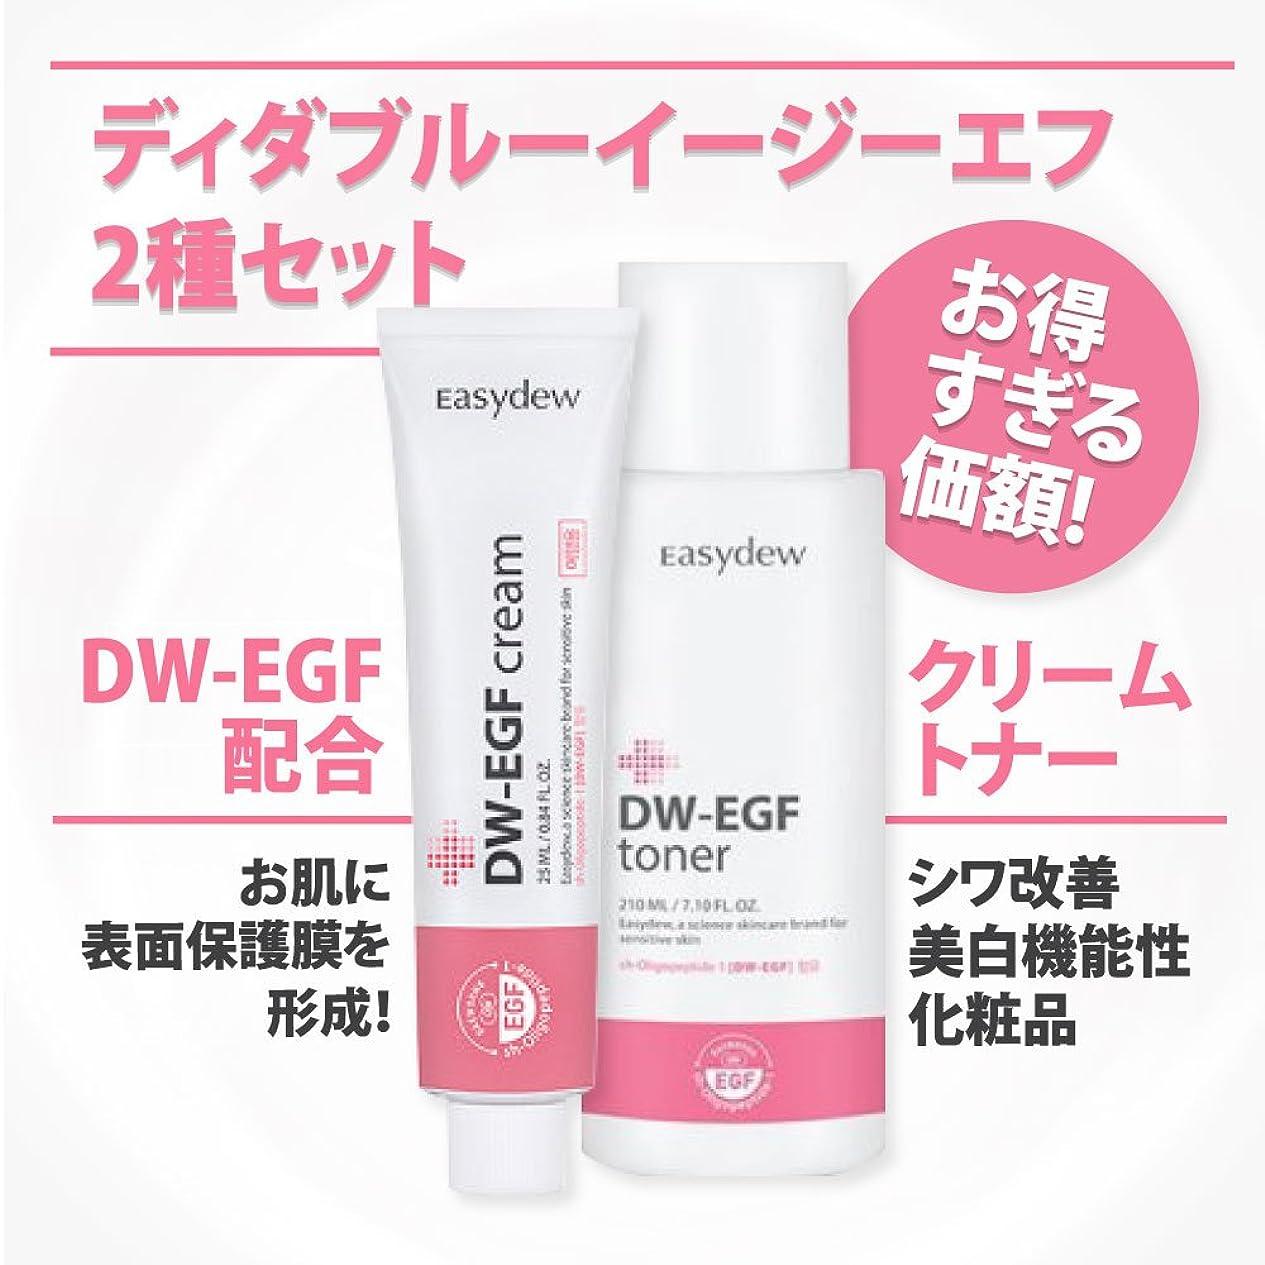 ネコ離れて反論者Easydew DW-EGF 化粧水 210ml クリーム 50ml セット Easydew DW-EGF Toner Cream Set 人気 スキンケア セット